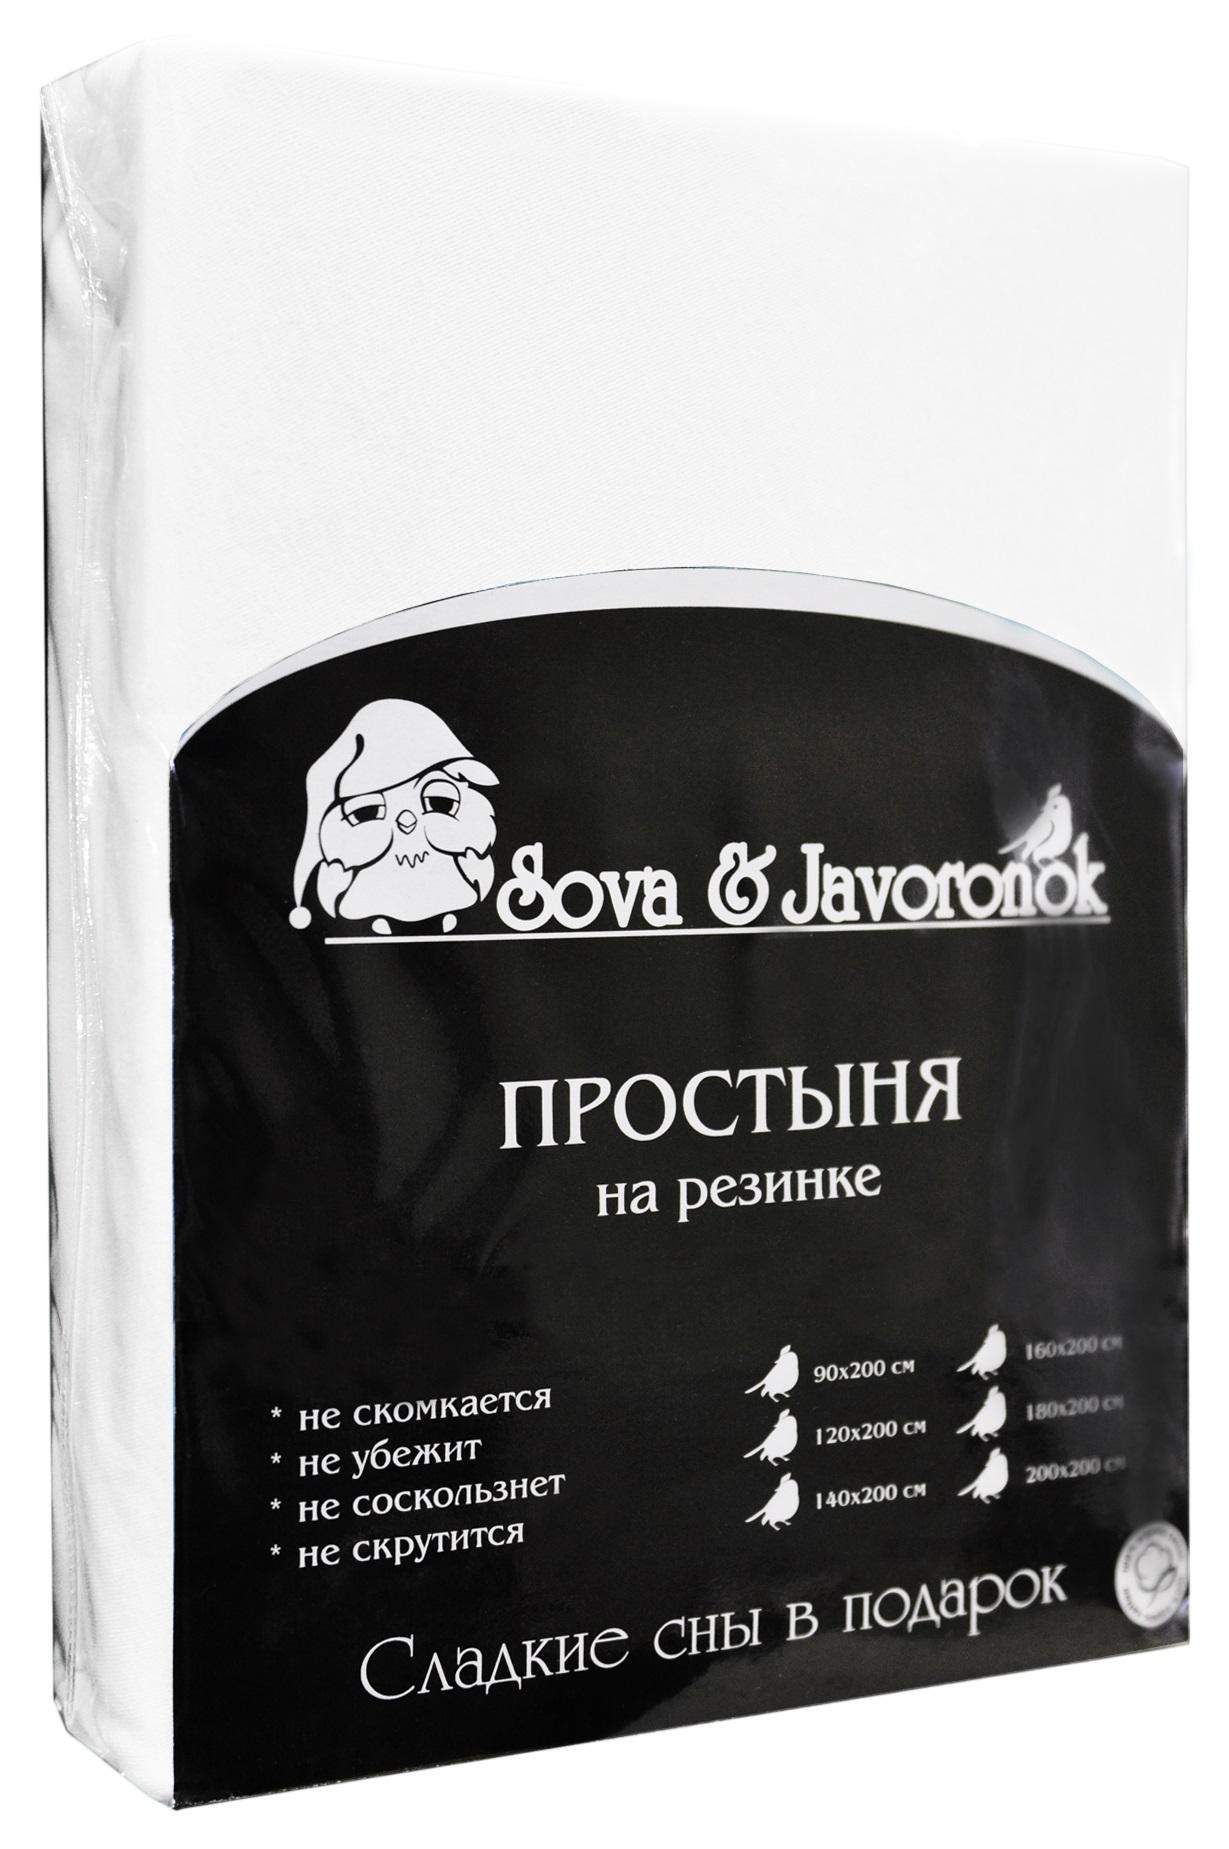 Простыня на резинке Sova & Javoronok, цвет: белый, 200 х 200 см0803113931Простыня на резинке Sova & Javoronok, изготовленная из трикотажной ткани (100% хлопок), будет превосходно смотреться с любыми комплектами белья. Хлопчатобумажный трикотаж по праву считается одним из самых качественных, прочных и при этом приятных на ощупь. Его гигиеничность позволяет использовать простыню и в детских комнатах, к тому же 100%-ый хлопок в составе ткани не вызовет аллергии. У трикотажного полотна очень интересная структура, немного рыхлая за счет отсутствия плотного переплетения нитей и наличия особых петель, благодаря этому простыня Сова и Жаворонок отлично пропускает воздух и способствует его постоянной циркуляции. Поэтому ваша постель будет всегда оставаться свежей. Но главное и, пожалуй, самое известное свойство трикотажа - это его великолепная растяжимость, поэтому эта ткань и была выбрана для натяжной простыни на резинке. Простыня прошита резинкой по всему периметру, что обеспечивает более комфортный отдых, так как она прочно удерживается на матрасе и...